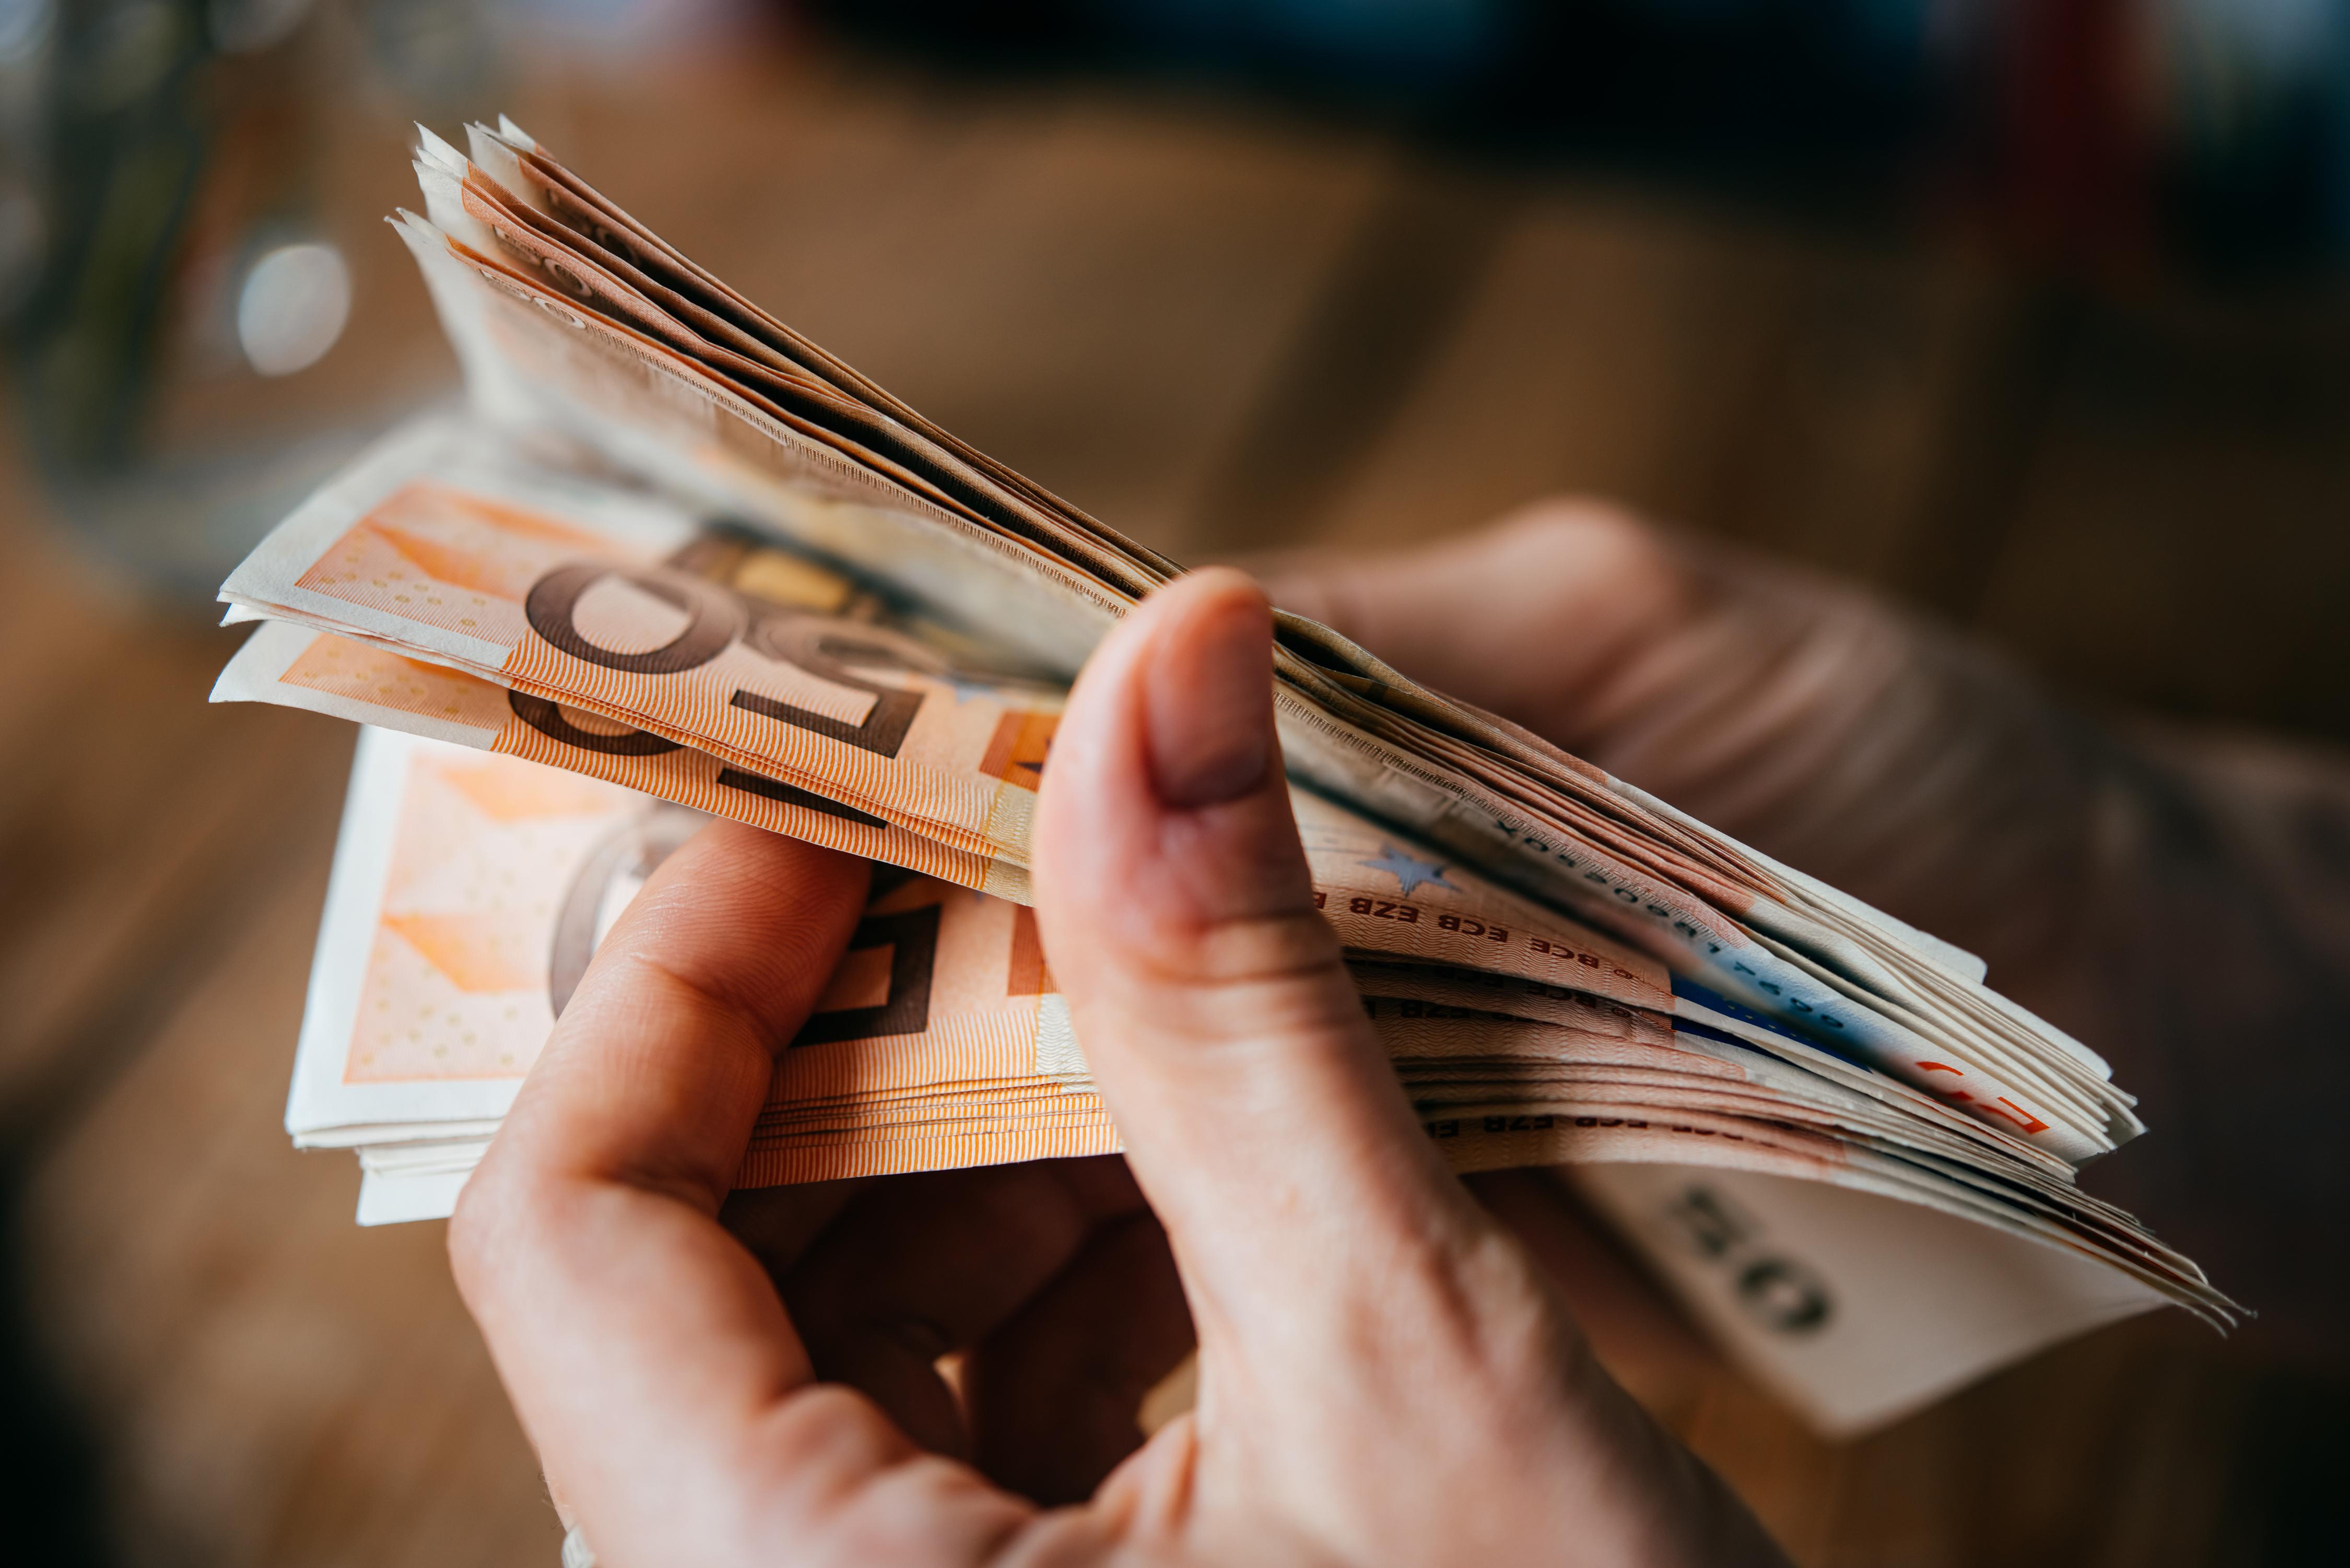 Un bărbat a strâns 28.000 de euro pe internet, după ce a mințit că-i donează copiilor bolnavi